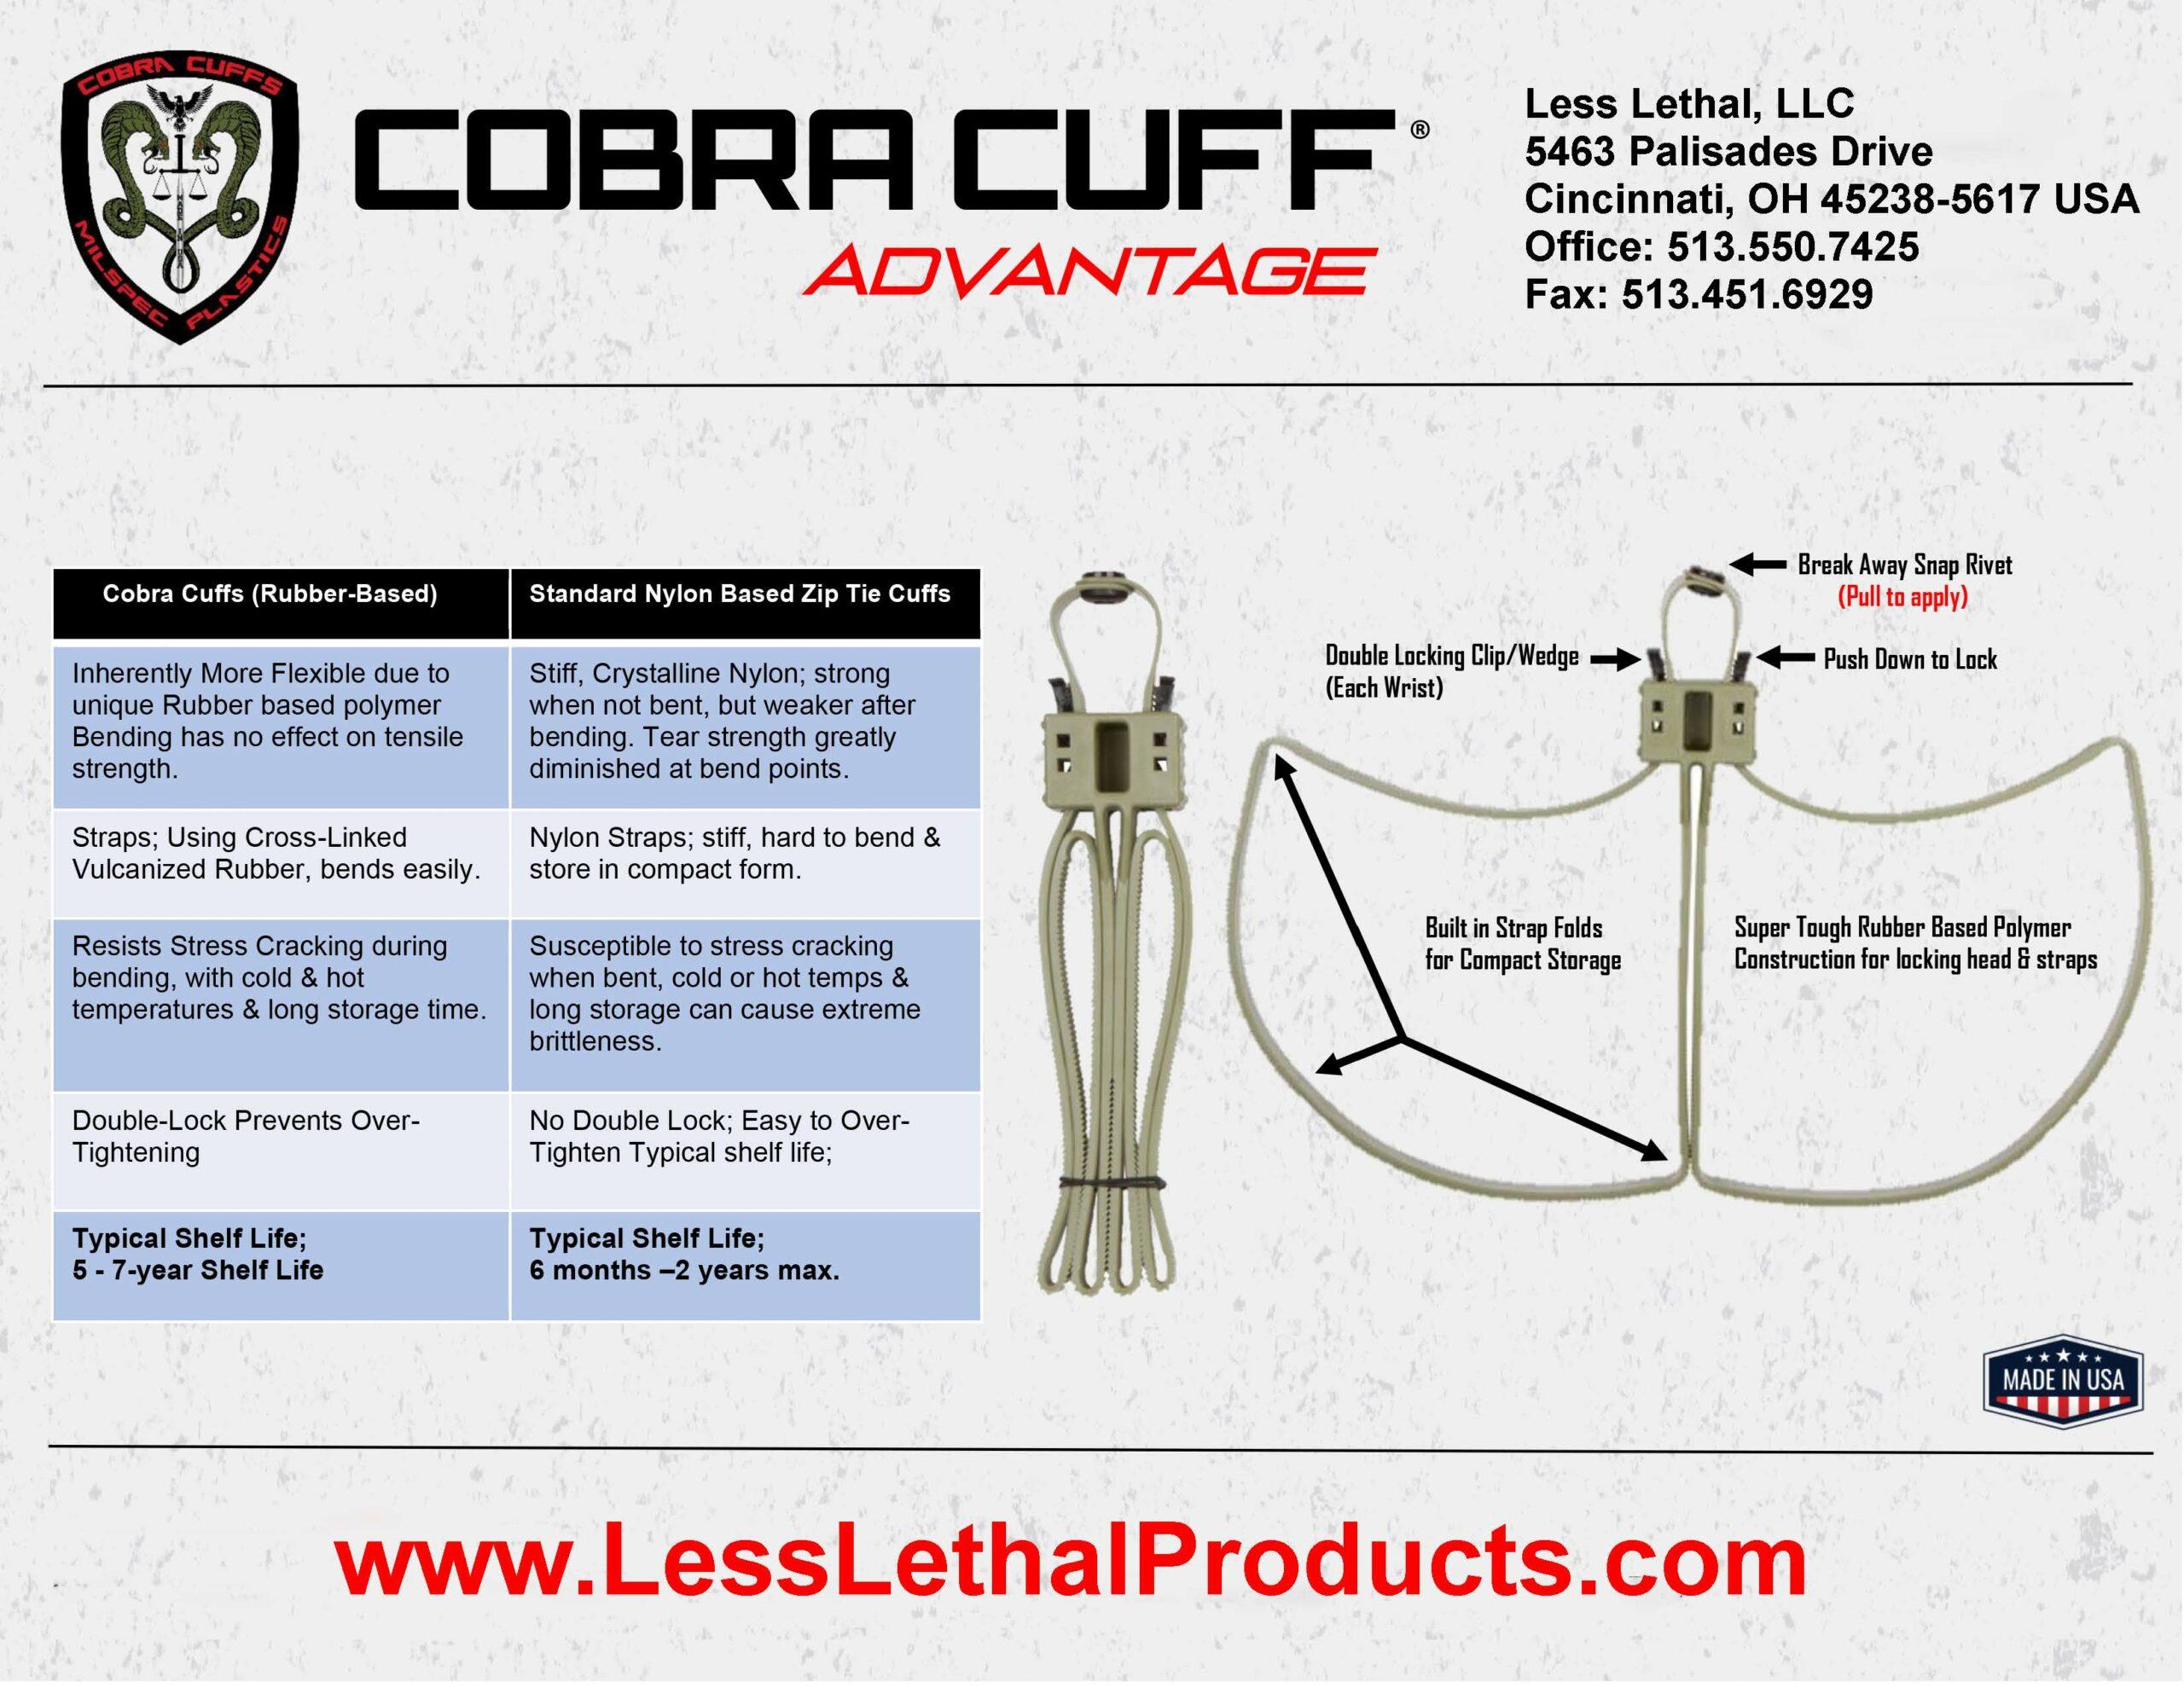 Cobra Cuff Advantage click for PDF